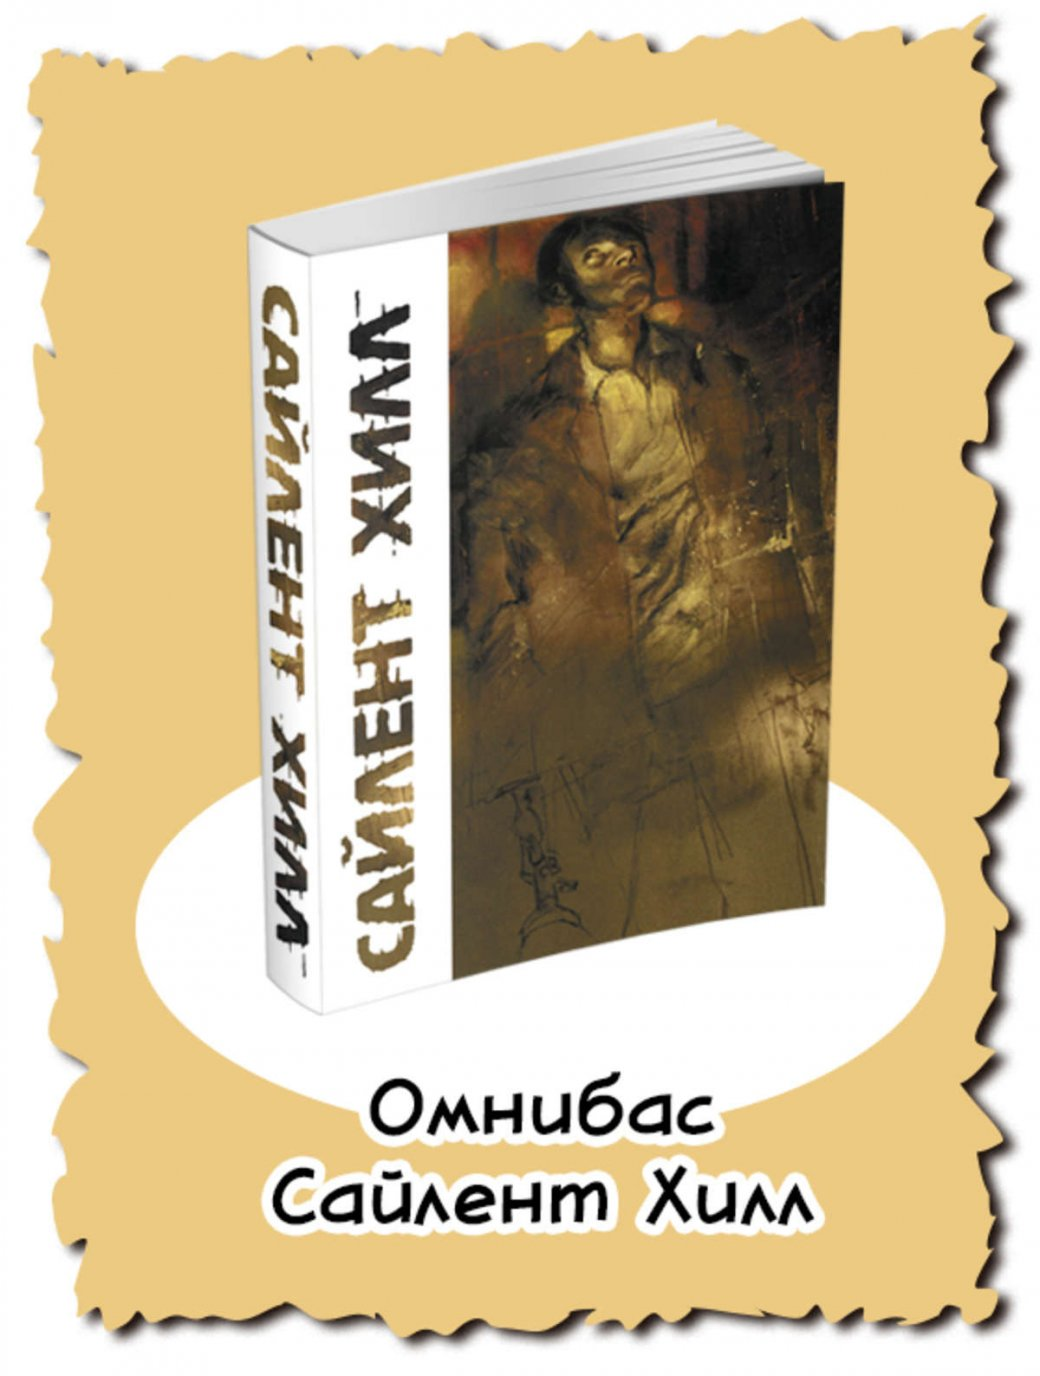 Хотите комиксы по Silent Hill на русском? Поддержите издателей рублем